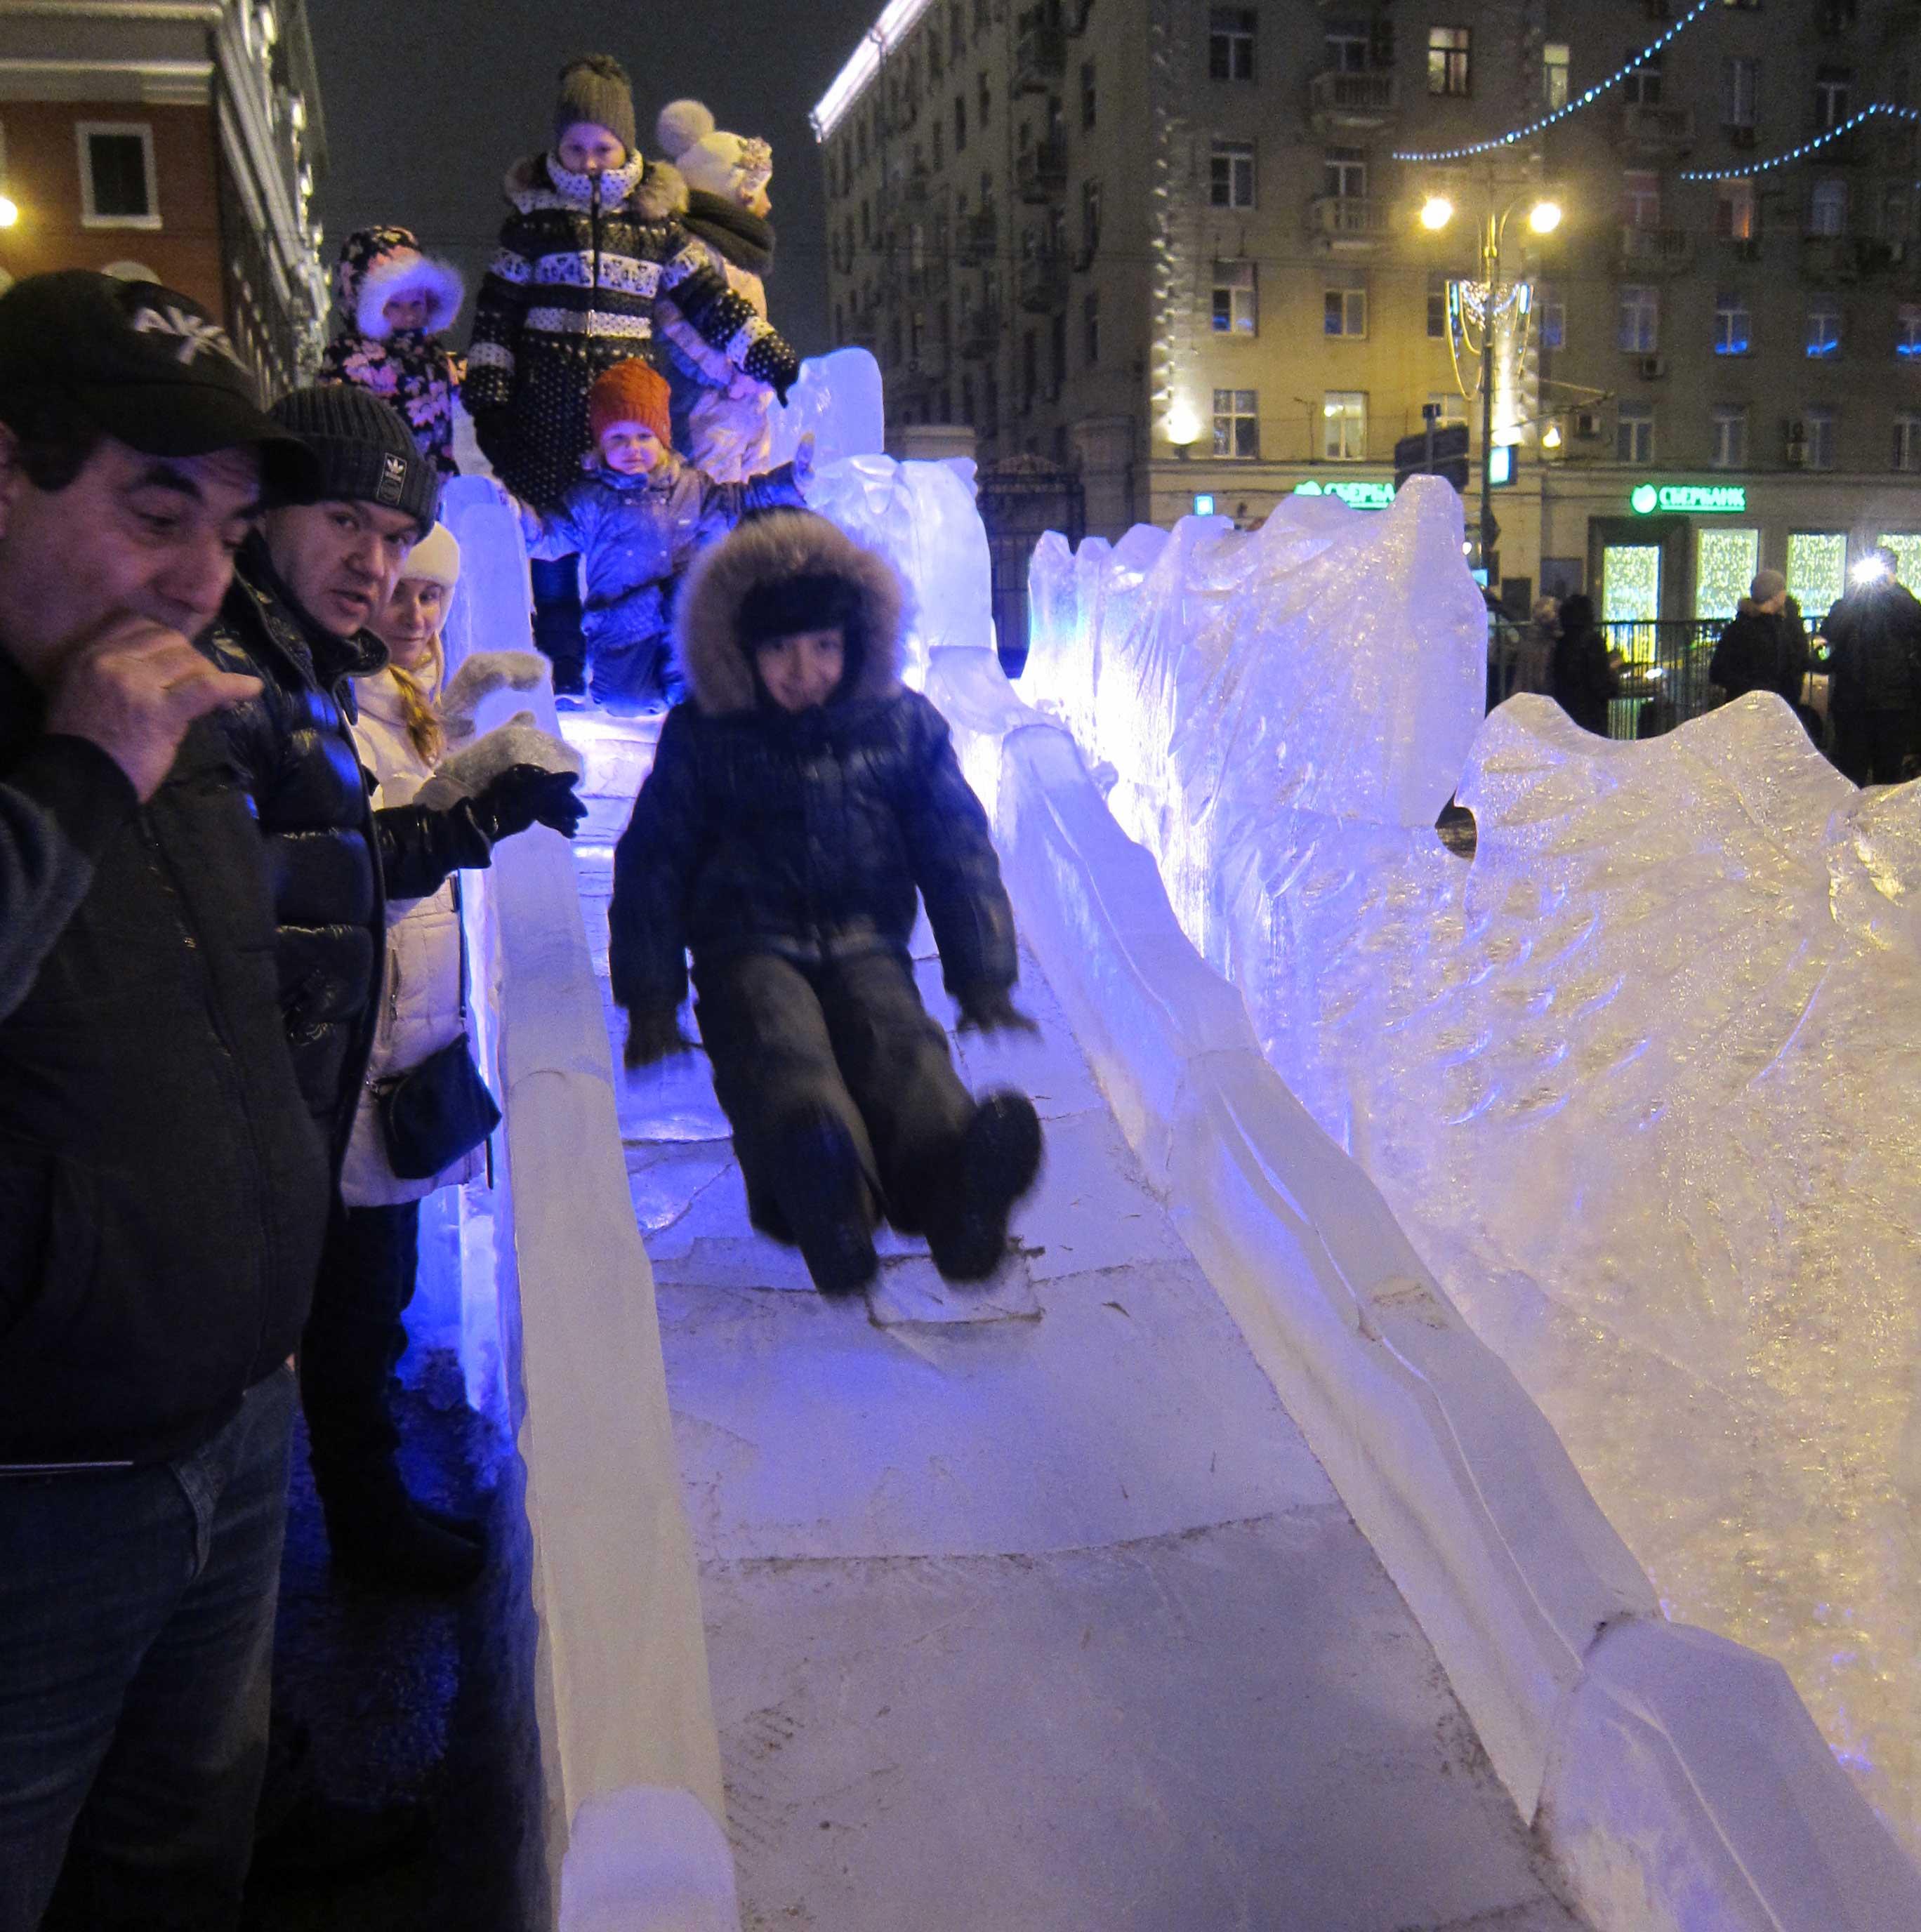 Sculptures de glace à Moscou: les traditionnels toboggans gelés font le bonheur des enfants